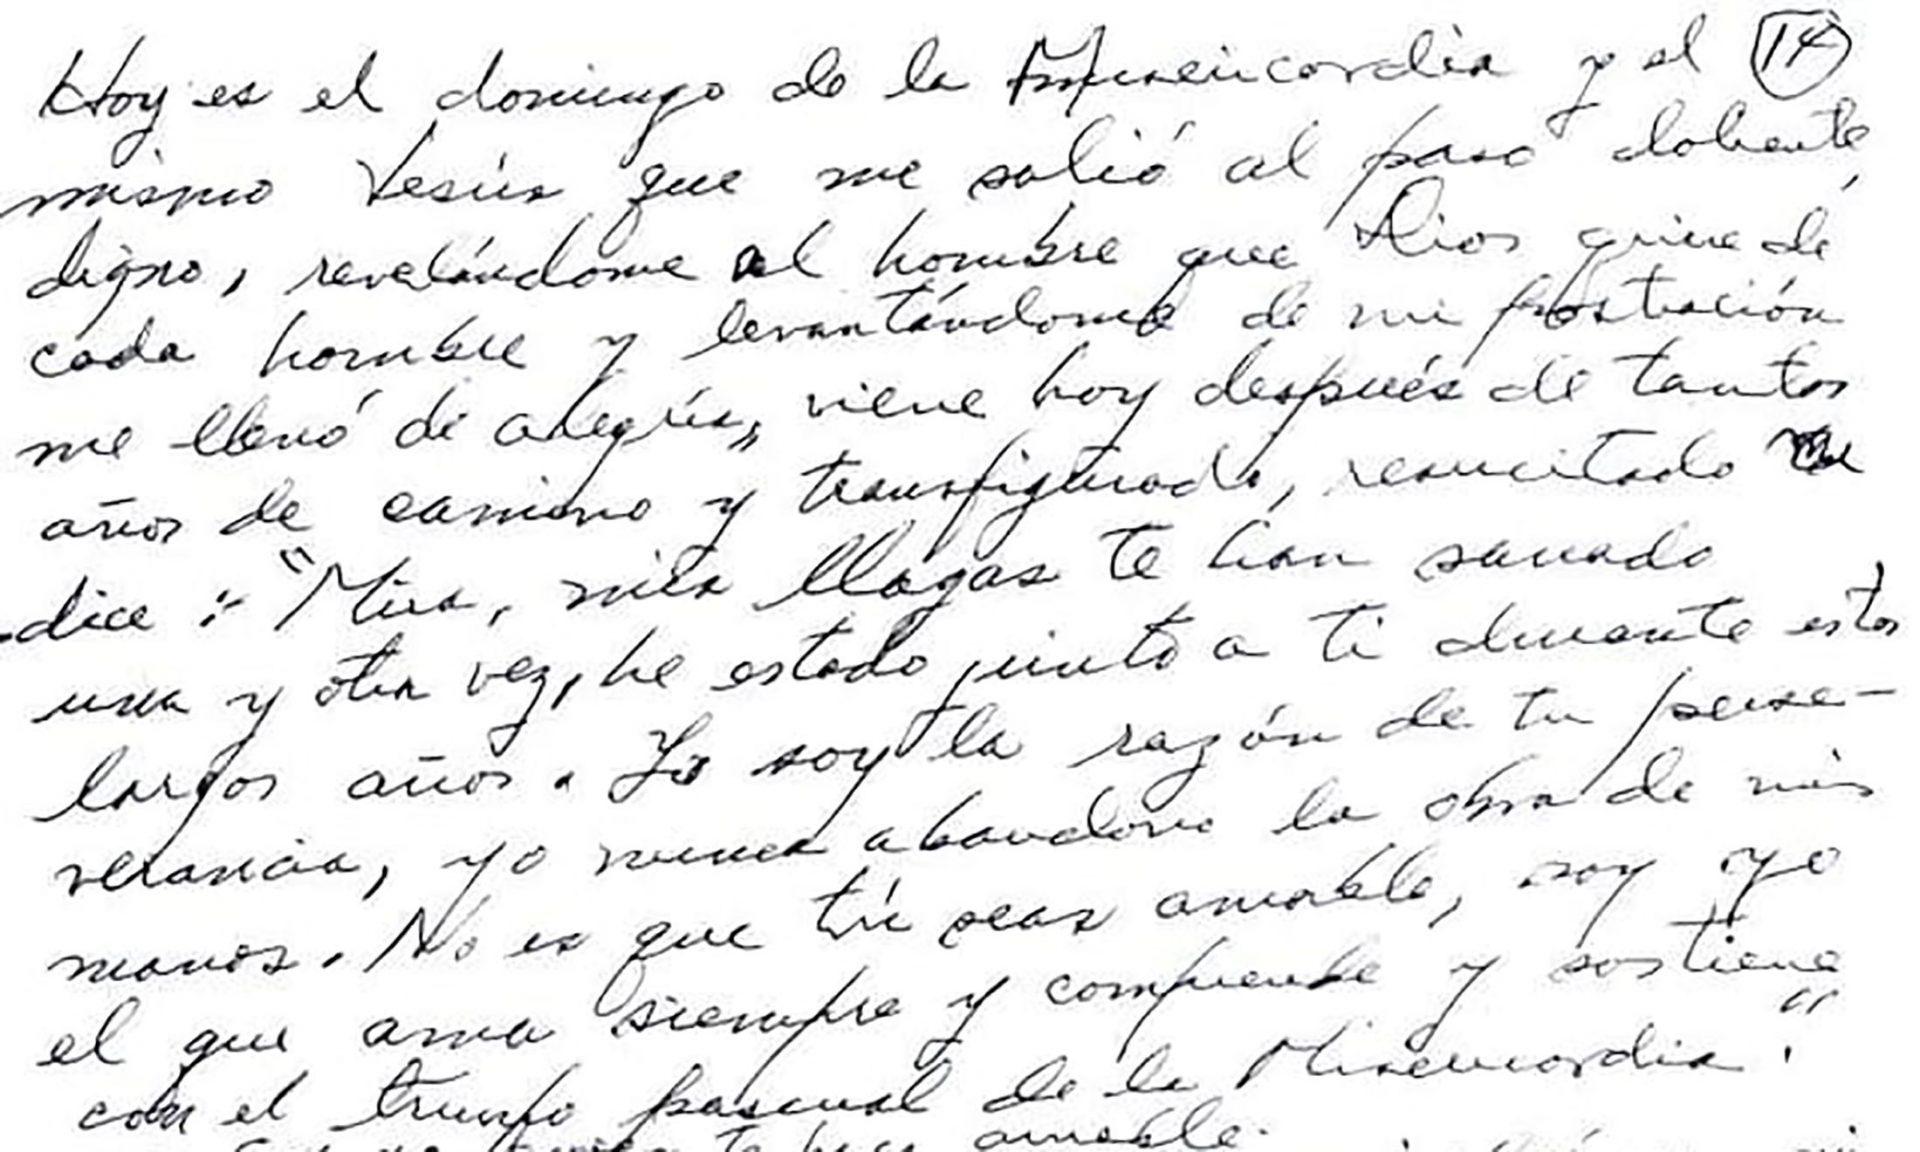 Manuscrito-Cardenal-Jaime-Ortega